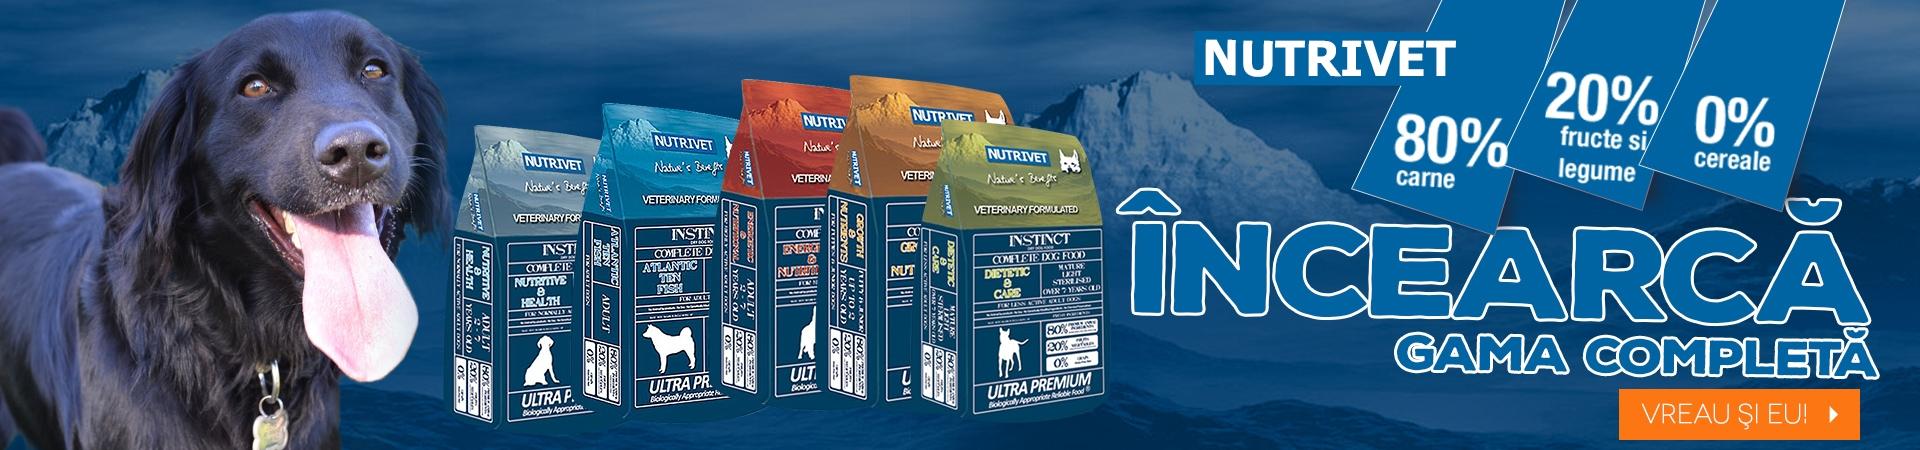 Banner Nutraline oferta completa